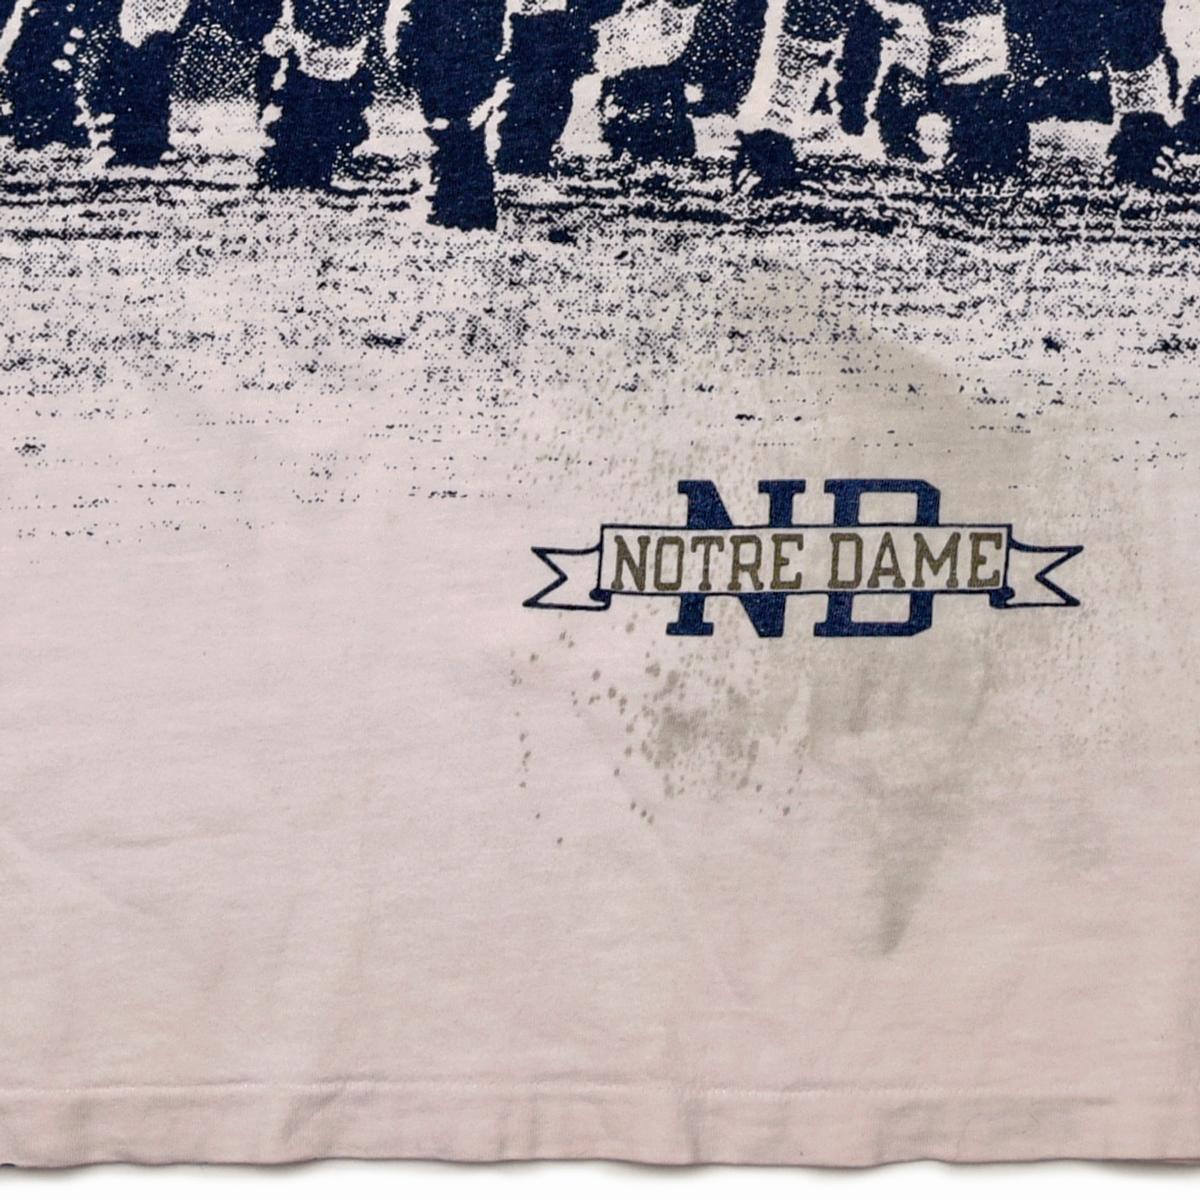 トリコタグ 80s Champion 両面 ピクチャー プリント チャンピオン Tシャツ ノートルダム アメフト 総柄 ビンテージ 古着 大きなサイズ XL_画像4